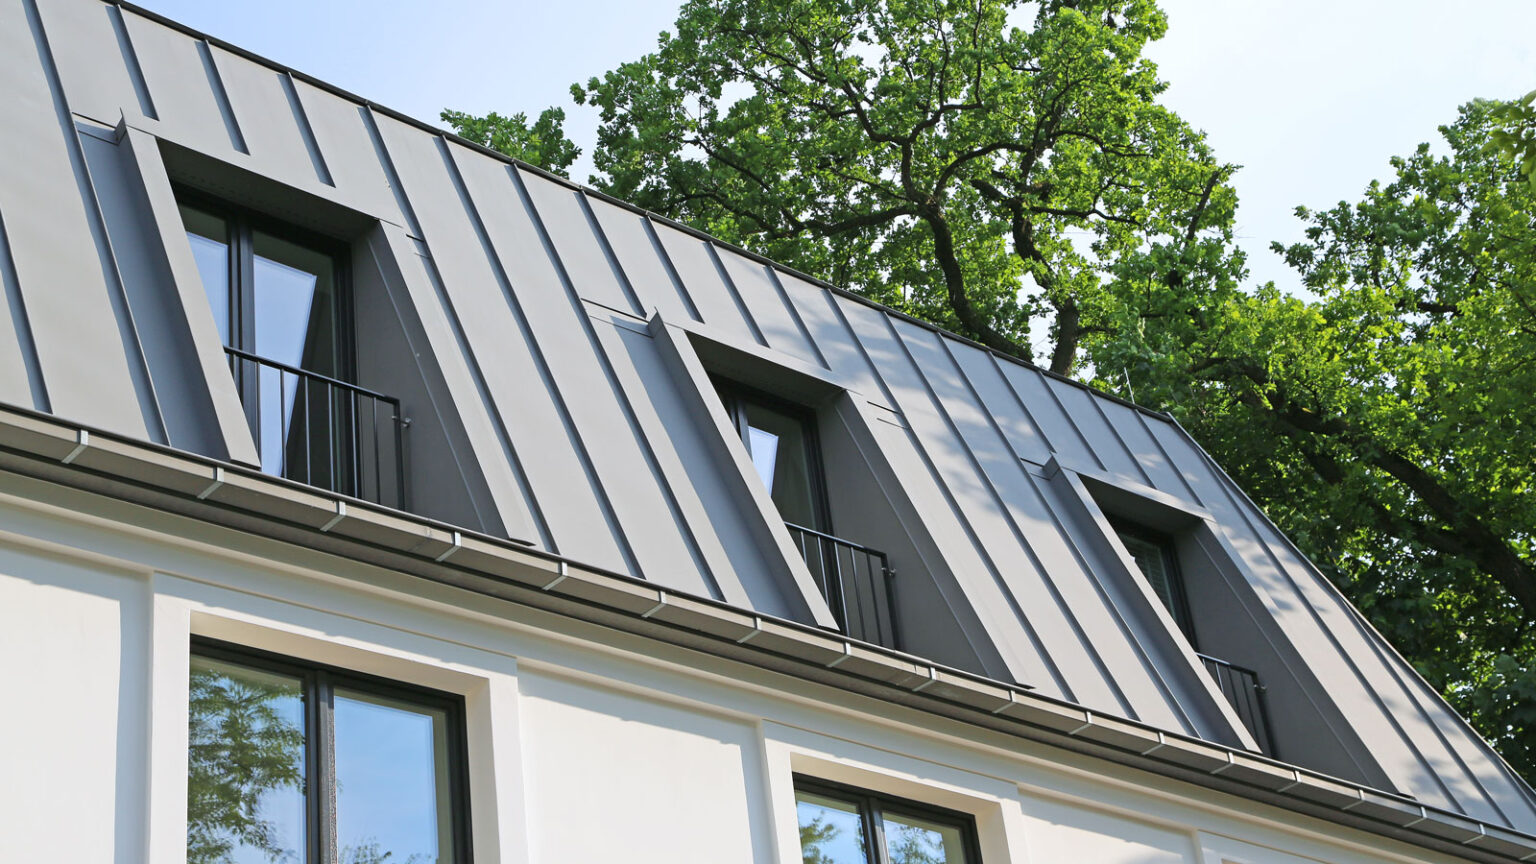 Metalldächer steigern den Wert eines Hauses.